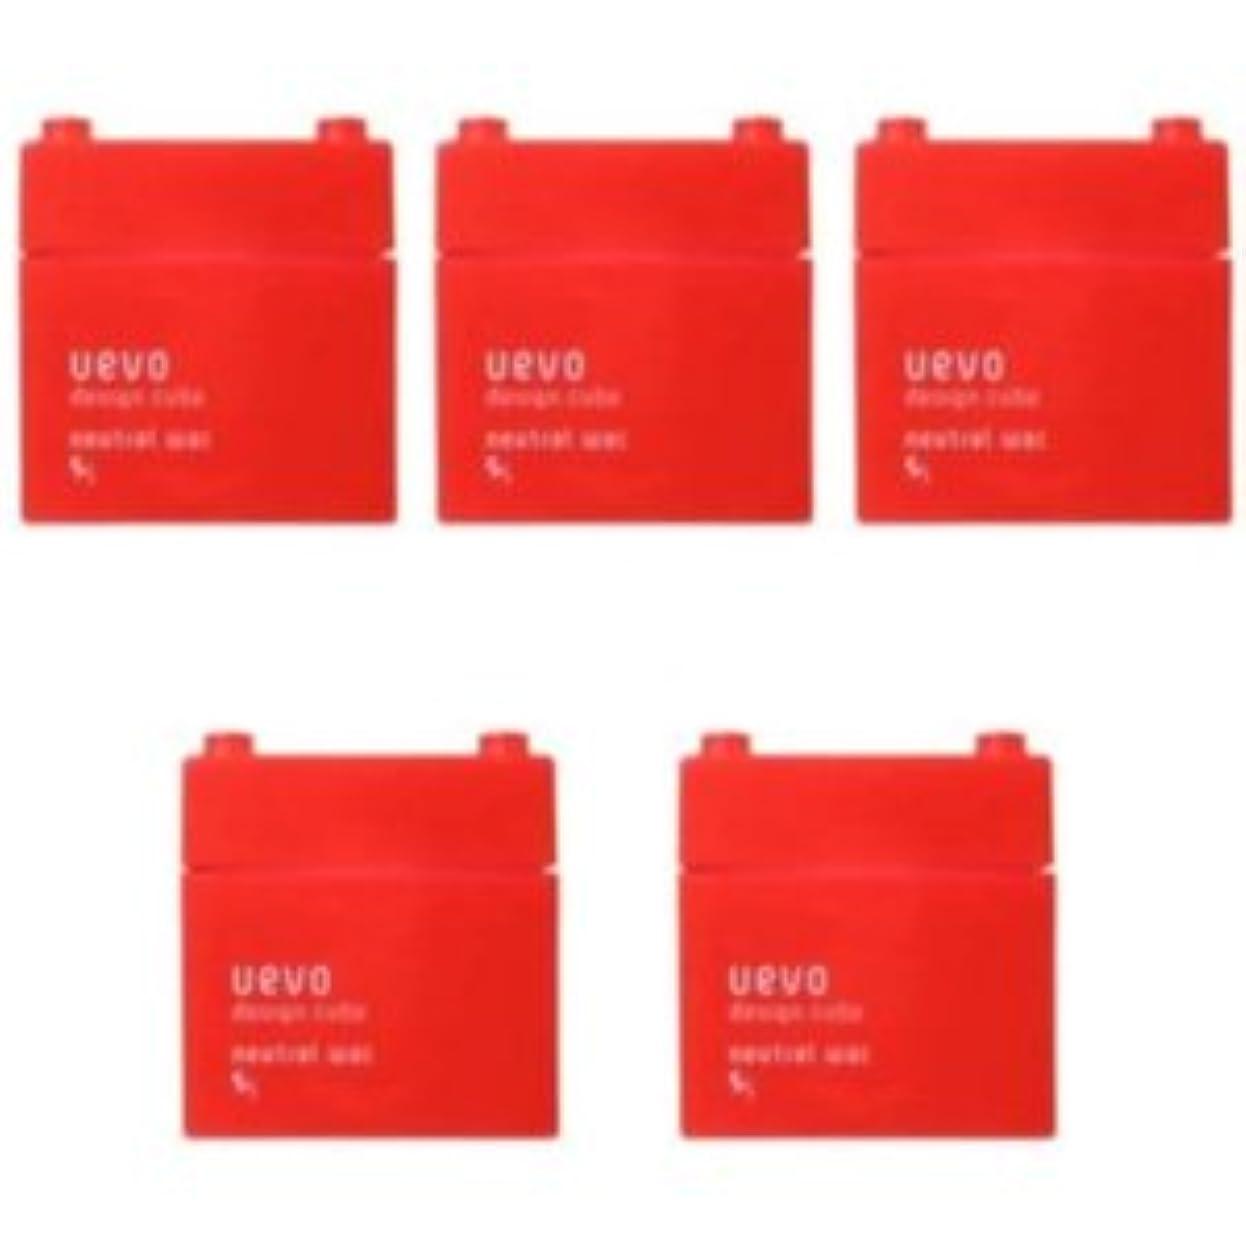 炎上後ろ、背後、背面(部一【X5個セット】 デミ ウェーボ デザインキューブ ニュートラルワックス 80g neutral wax DEMI uevo design cube